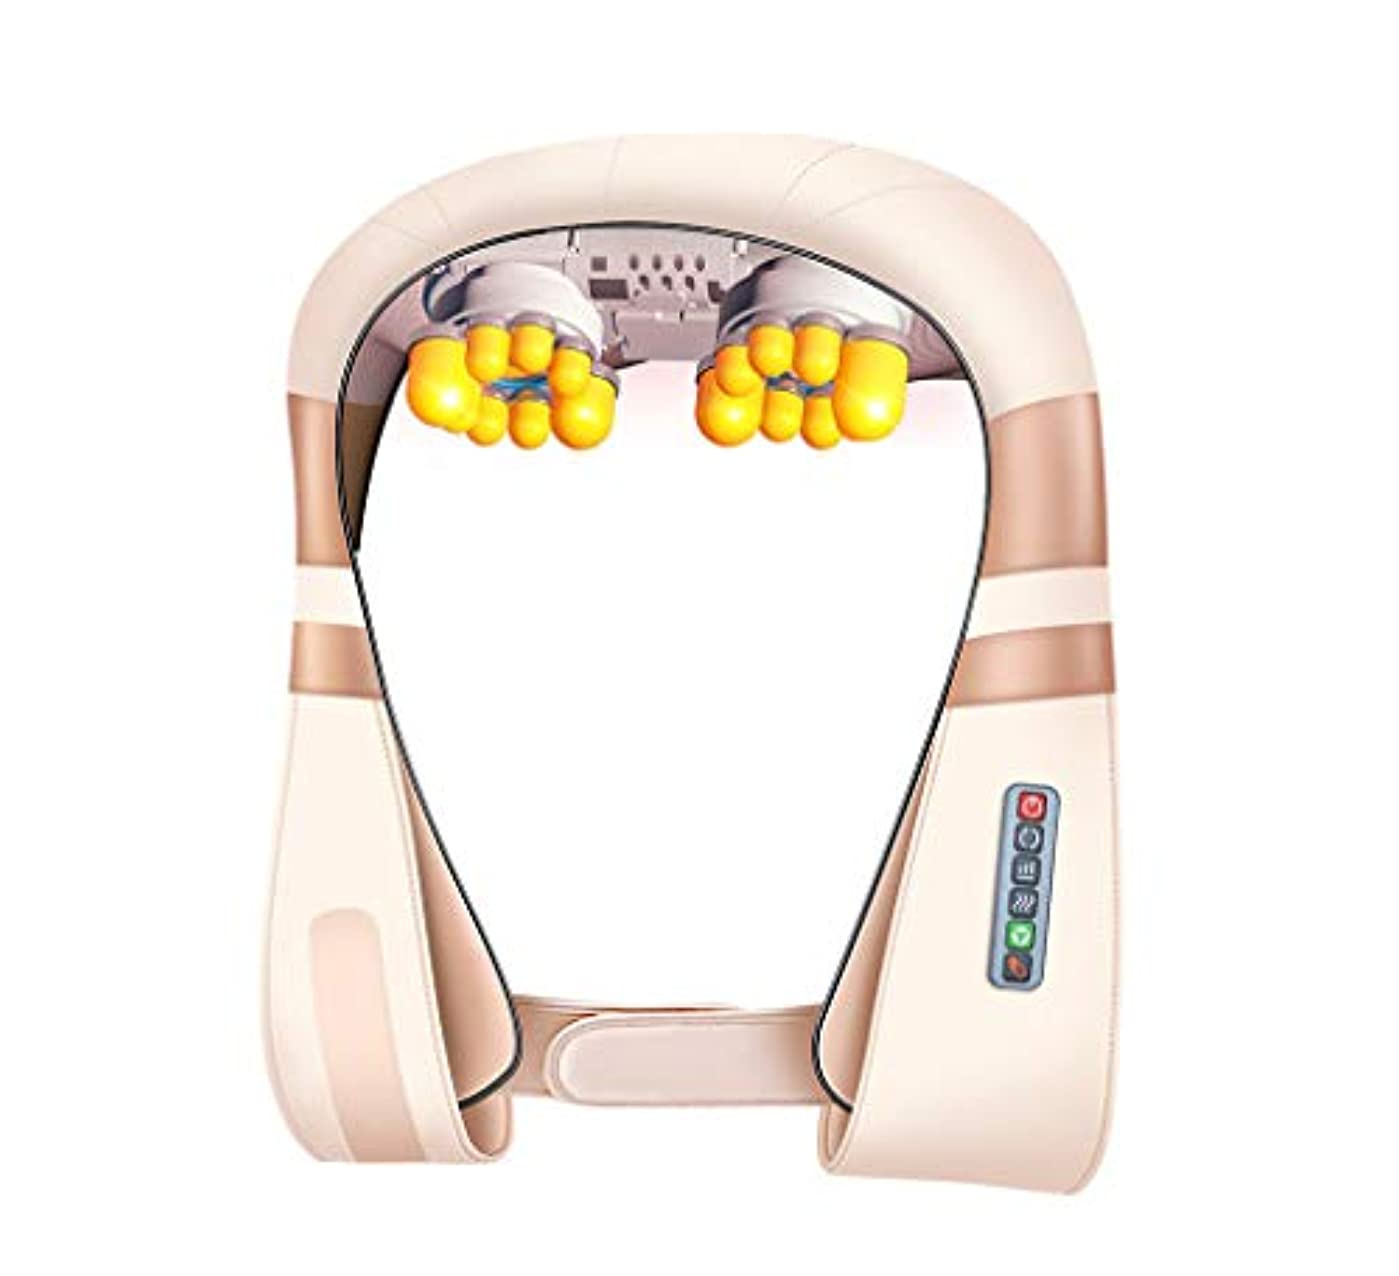 洞察力賭けオーチャード多機能8d ショルダーマッサージ, 車/ホームネック, 肩, ウエスト, 脚, 腕, 腹部電気マッサージ頸部温水ショール, 新しいアップグレード